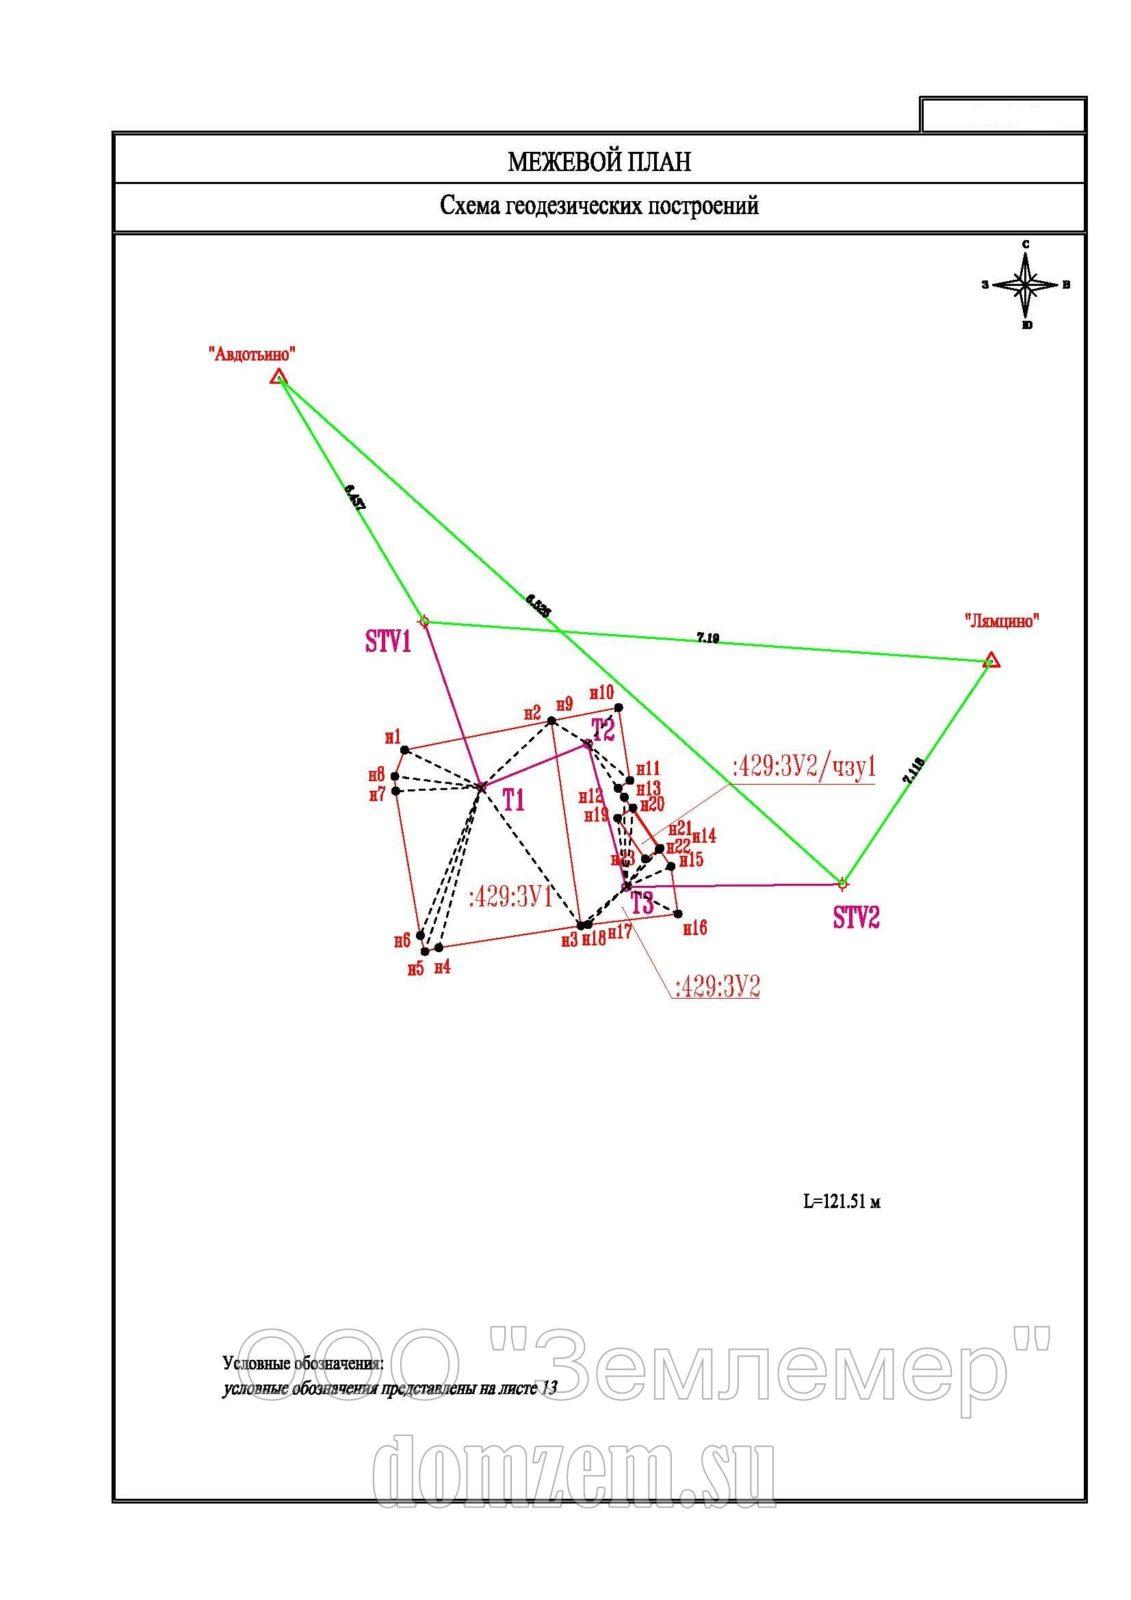 Пример схемы геодезической основы